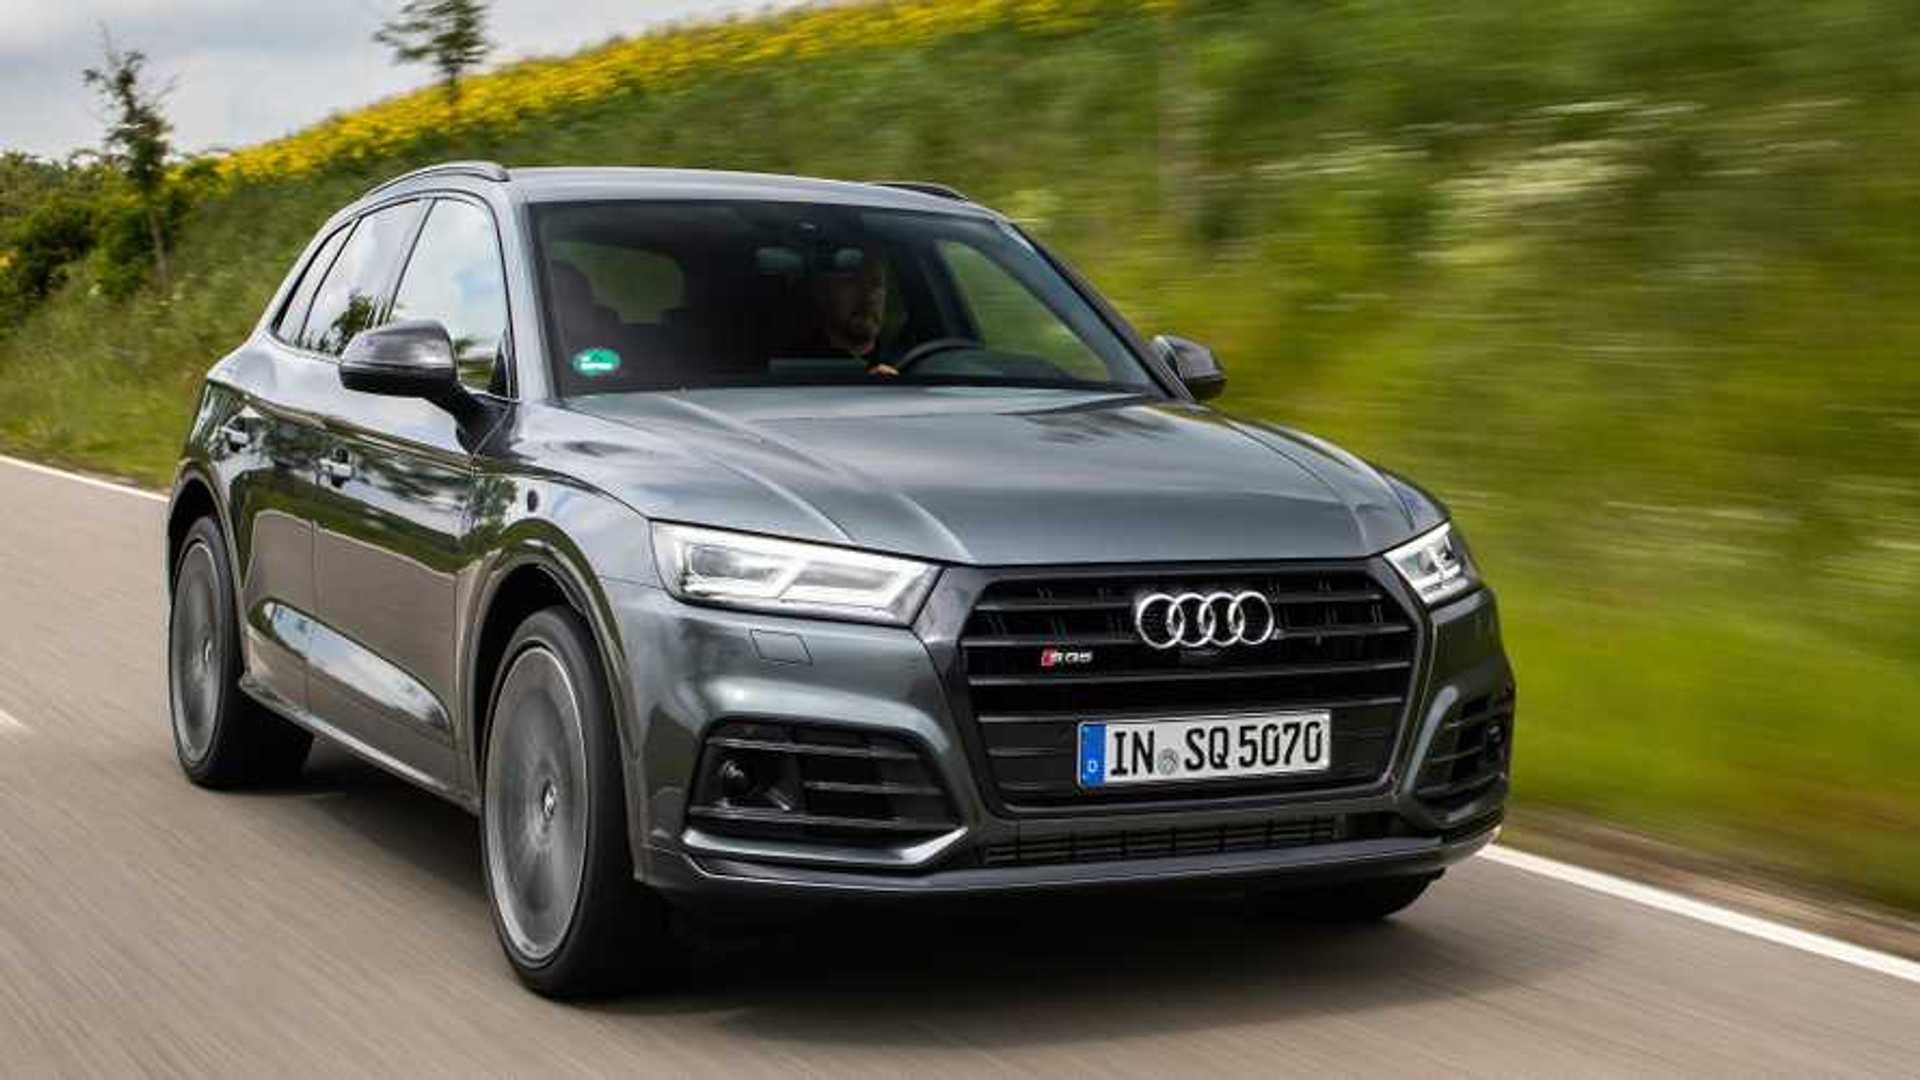 2020 Audi Sq5 Redesign